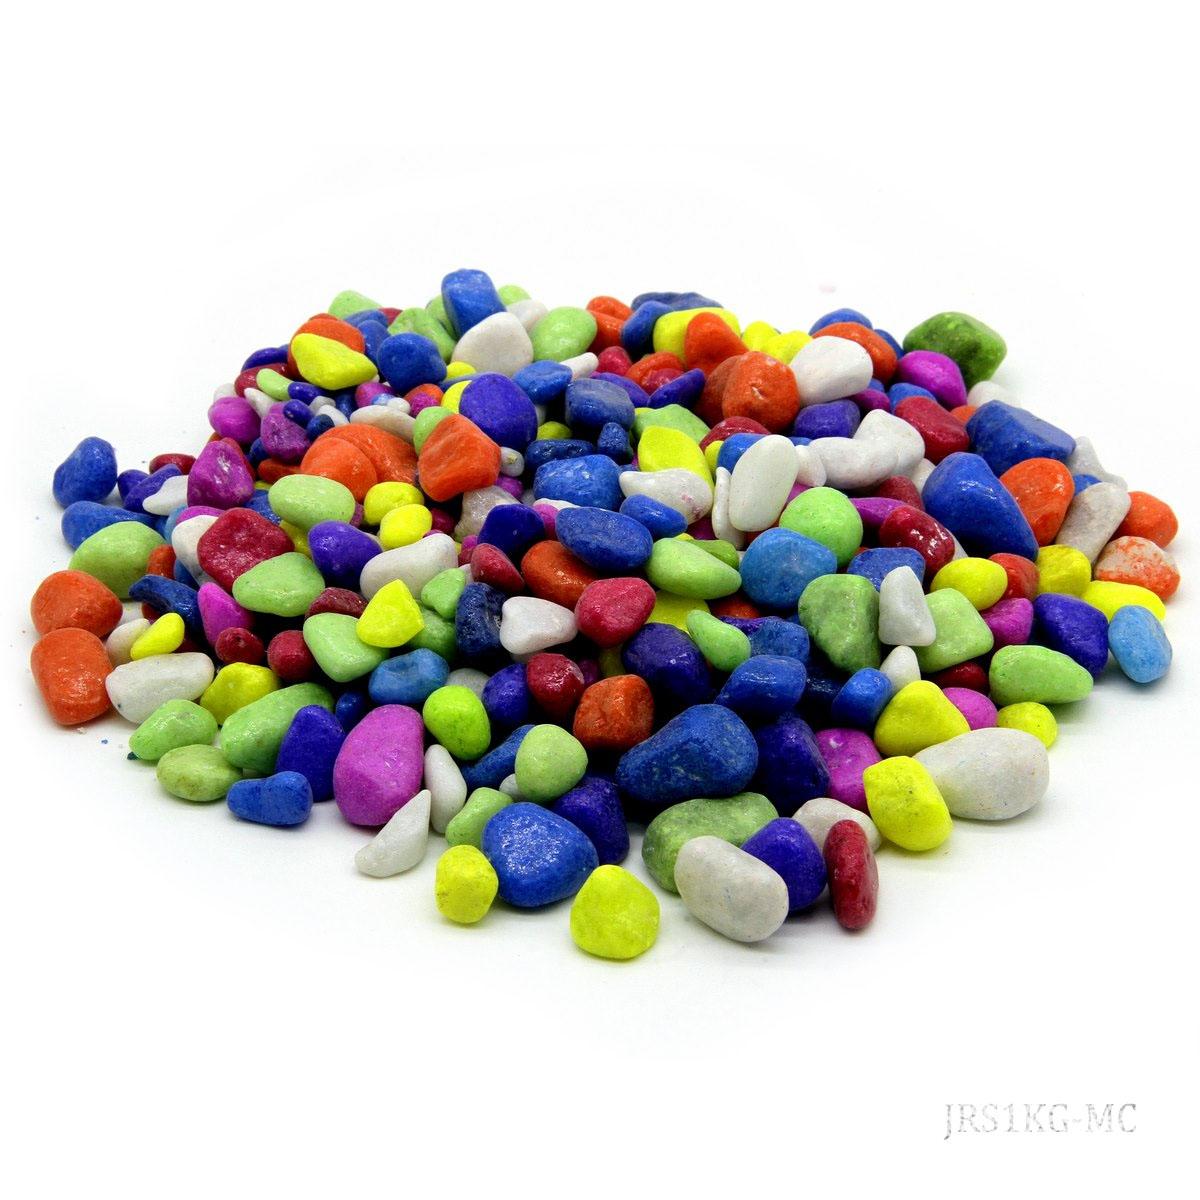 Jags resin Stone Medium 1kg Multi Colour JRS1KG-MC